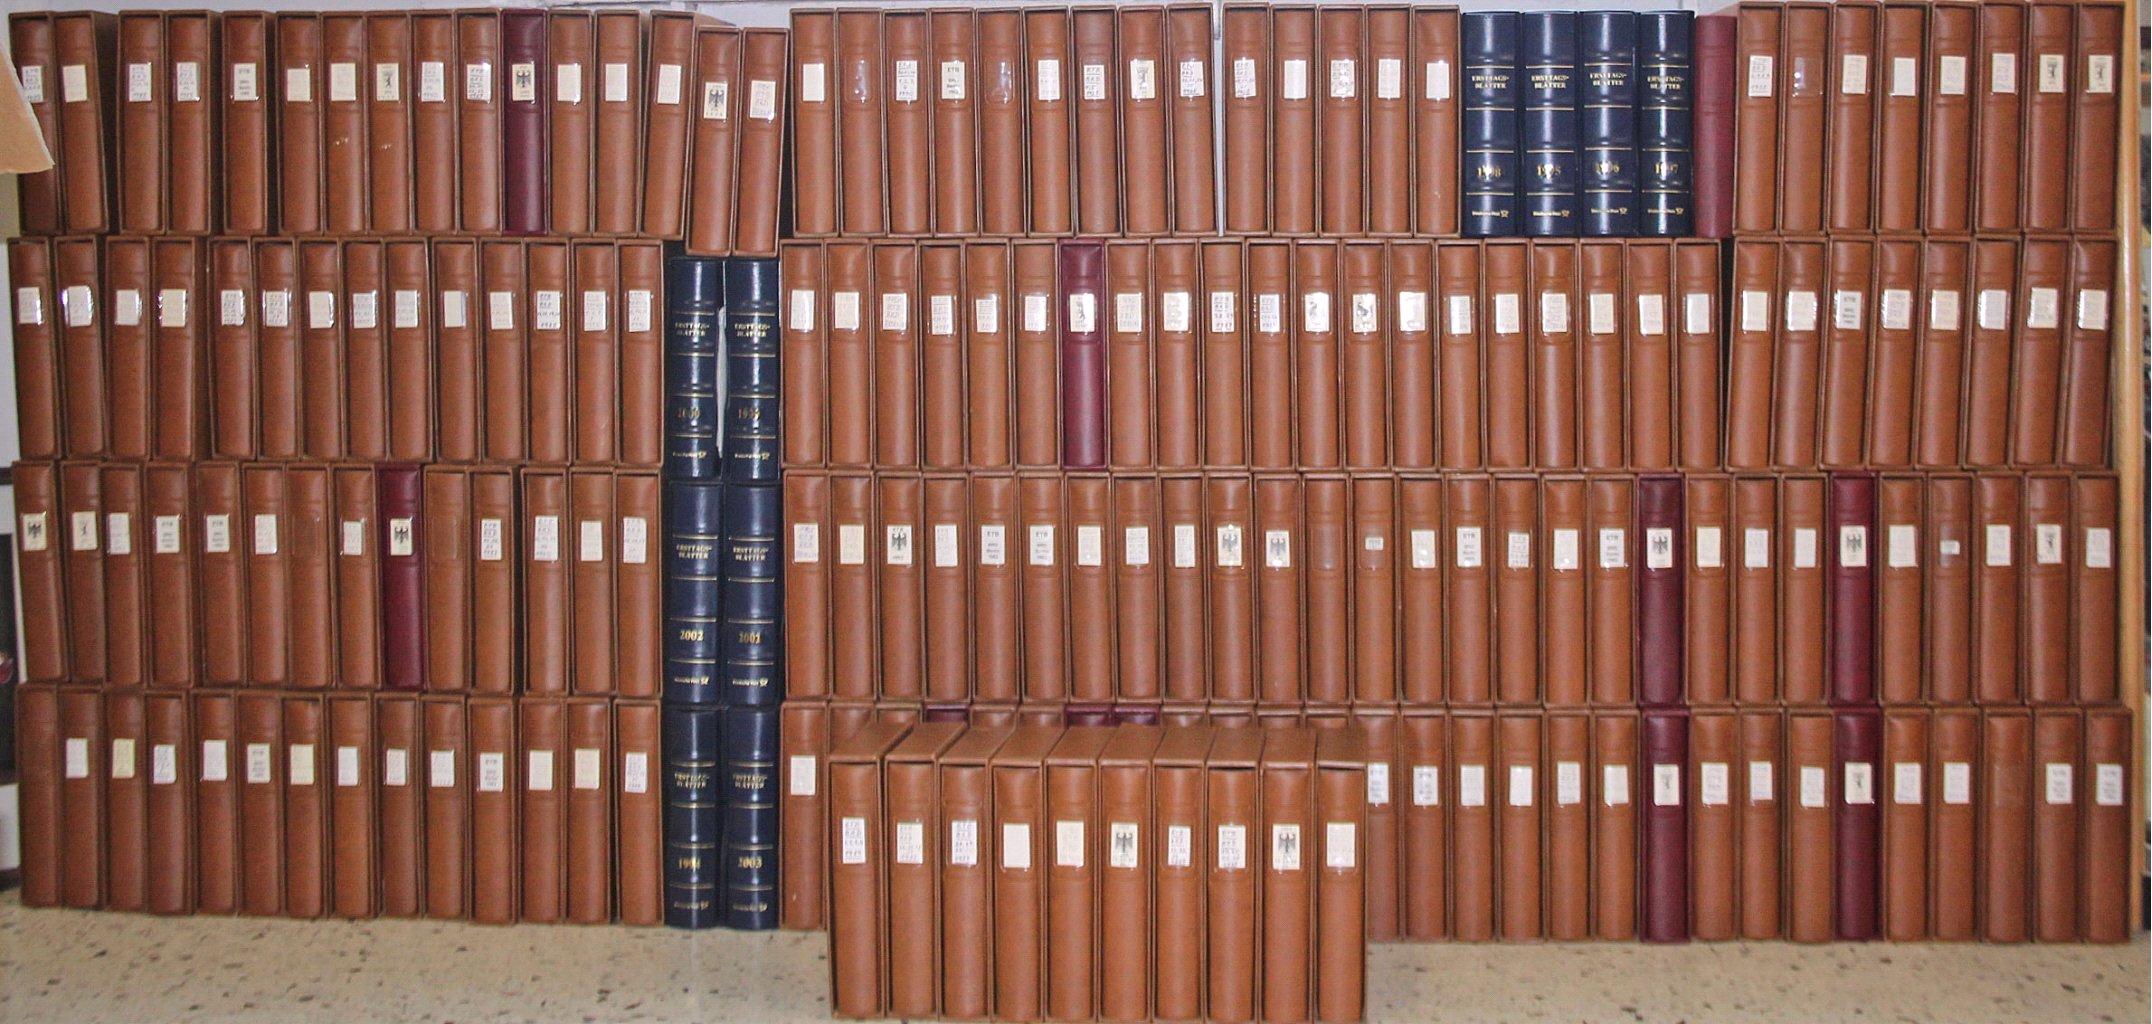 Über 180 Alben ETB Bund und Berlin